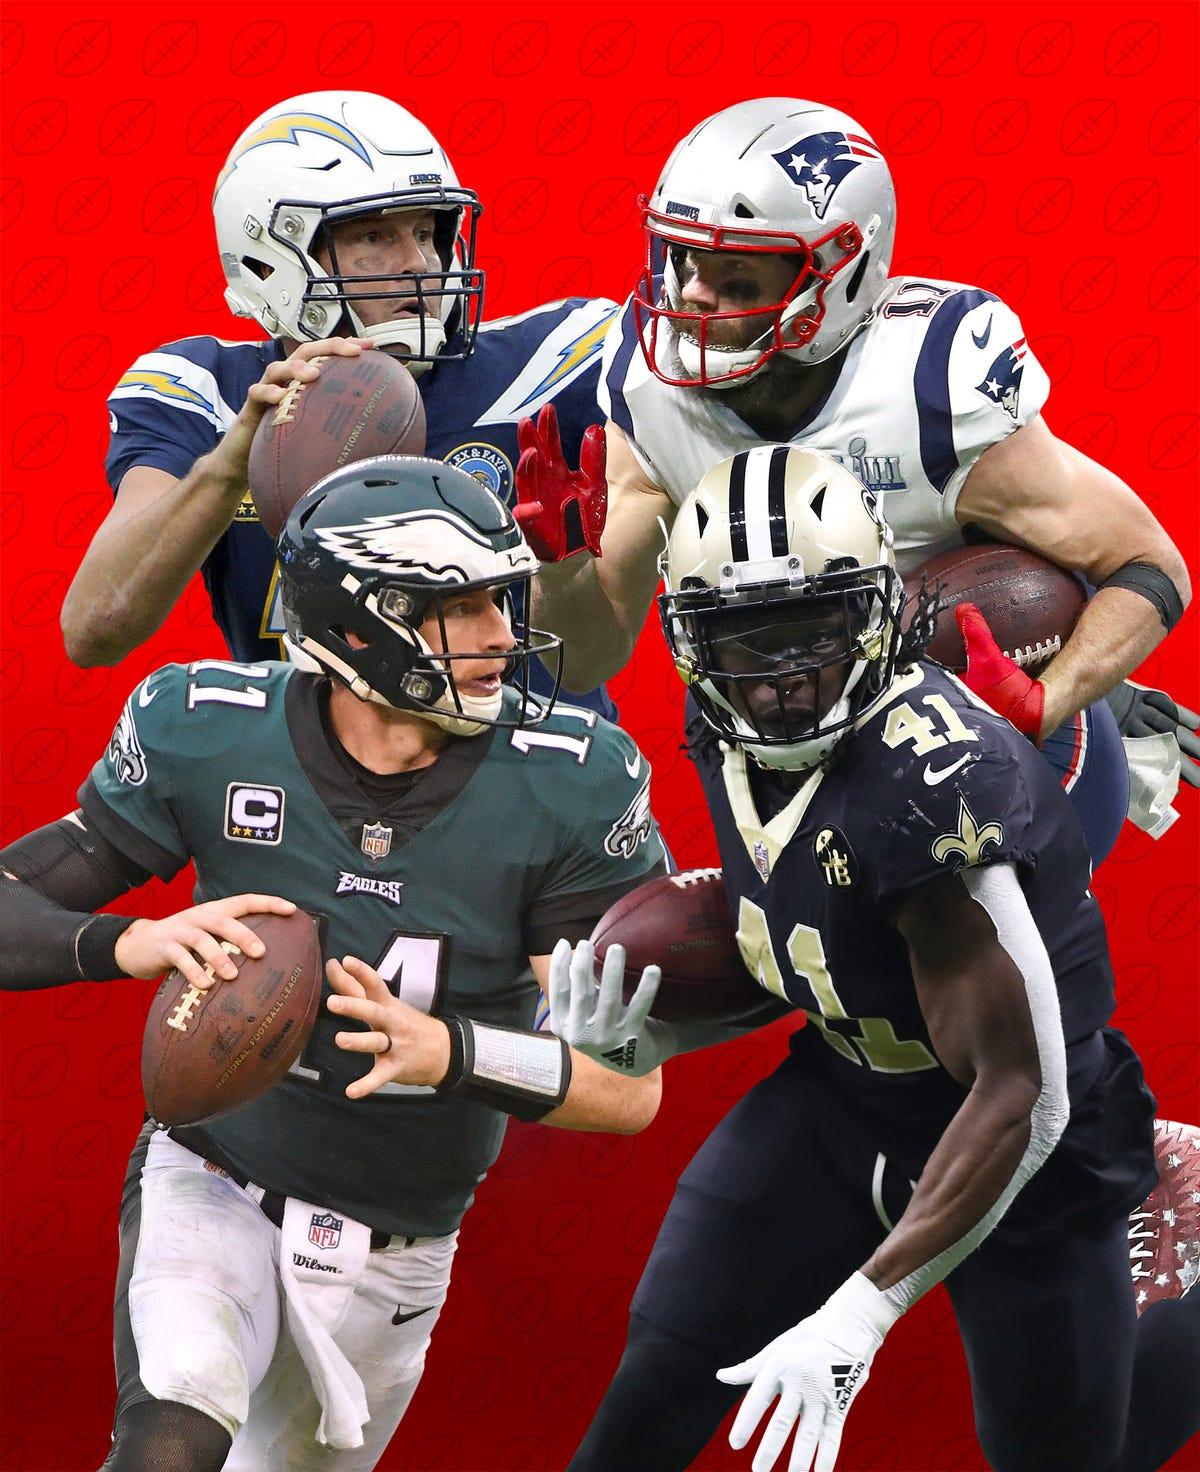 b08b01ec 2019 NFL record predictions: Will Patriots return to Super Bowl?